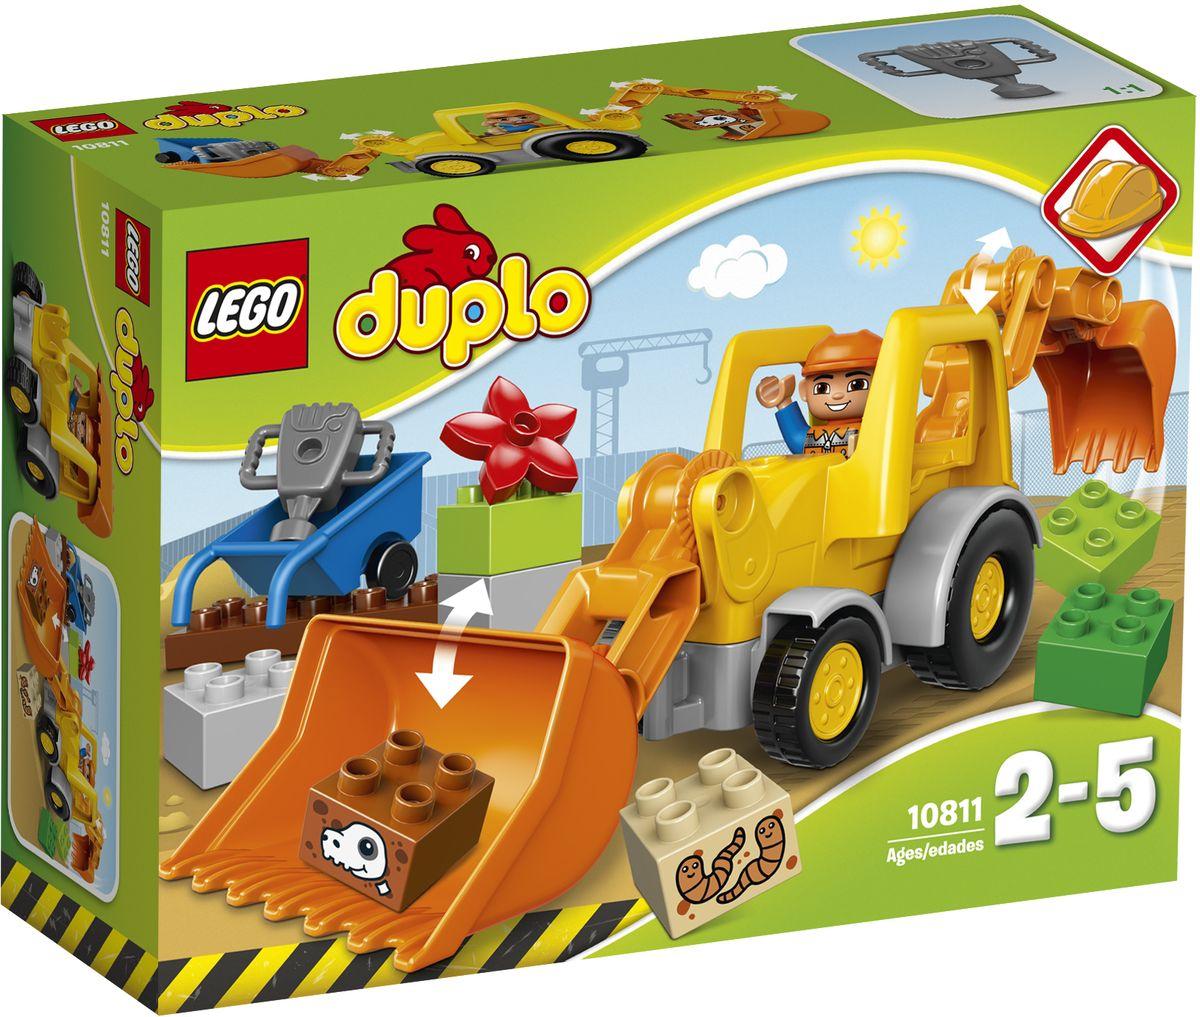 LEGO DUPLO Конструктор Экскаватор-погрузчик 1081110811Маленьким строителям наверняка захочется узнать, что можно выкопать с помощью этой простой в сборке машины. В машине спереди и сзади располагаются большие ковши, чтобы сделать игру более интересной. Подвижные детали можно перемещать и объединять, чтобы копать и разбирать кубики, декорированные черепами и червями. Кубики DUPLO разработаны с учетом требований к обеспечению безопасности детей. В набор входит фигурка строительного рабочего DUPLO. Набор включает в себя 19 разноцветных пластиковых элементов. Конструктор - это один из самых увлекательных и веселых способов времяпрепровождения. Ребенок сможет часами играть с конструктором, придумывая различные ситуации и истории.